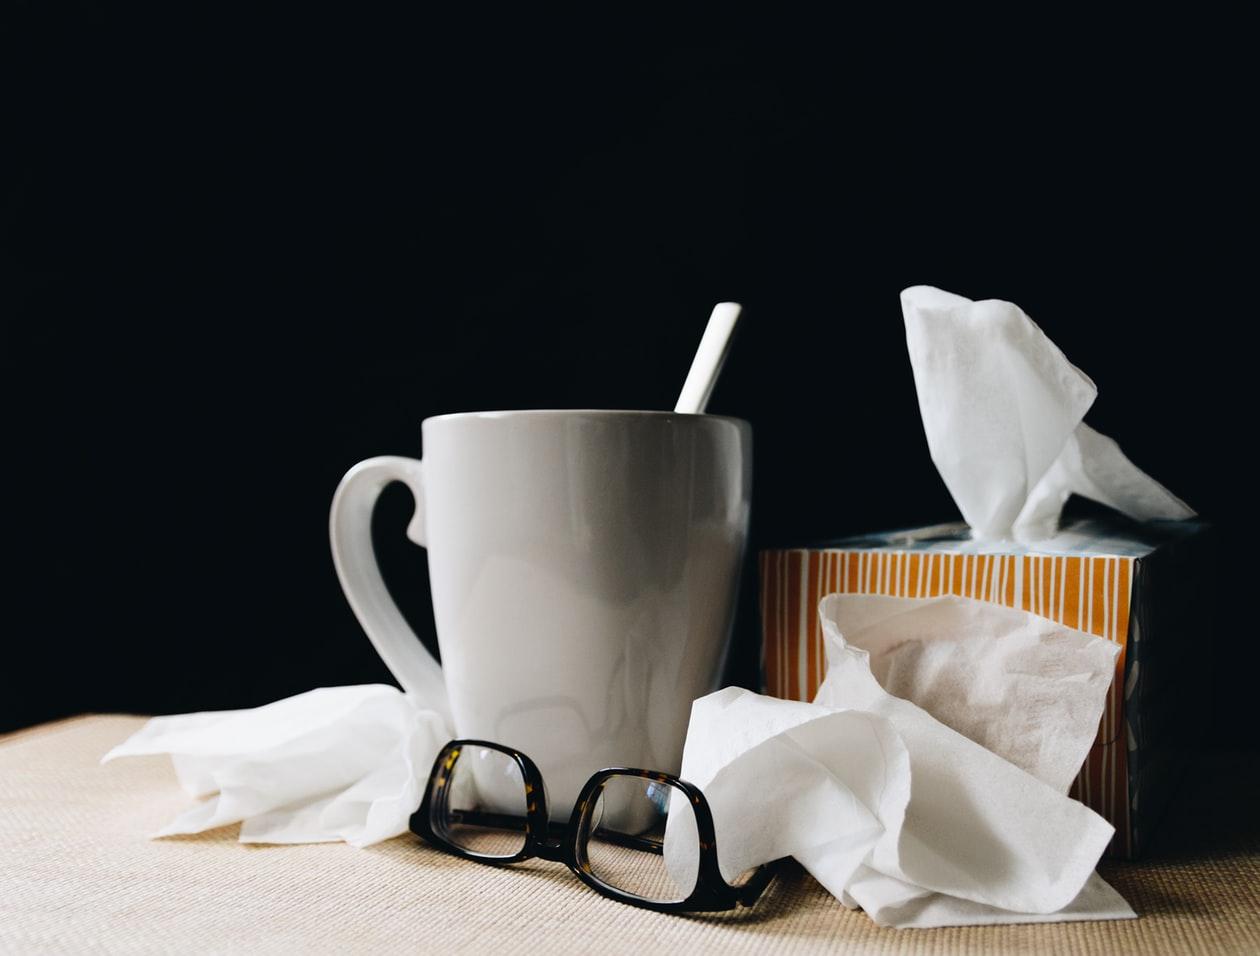 Statutory Sick Pay for Coronavirus Covid-19 SARS-2